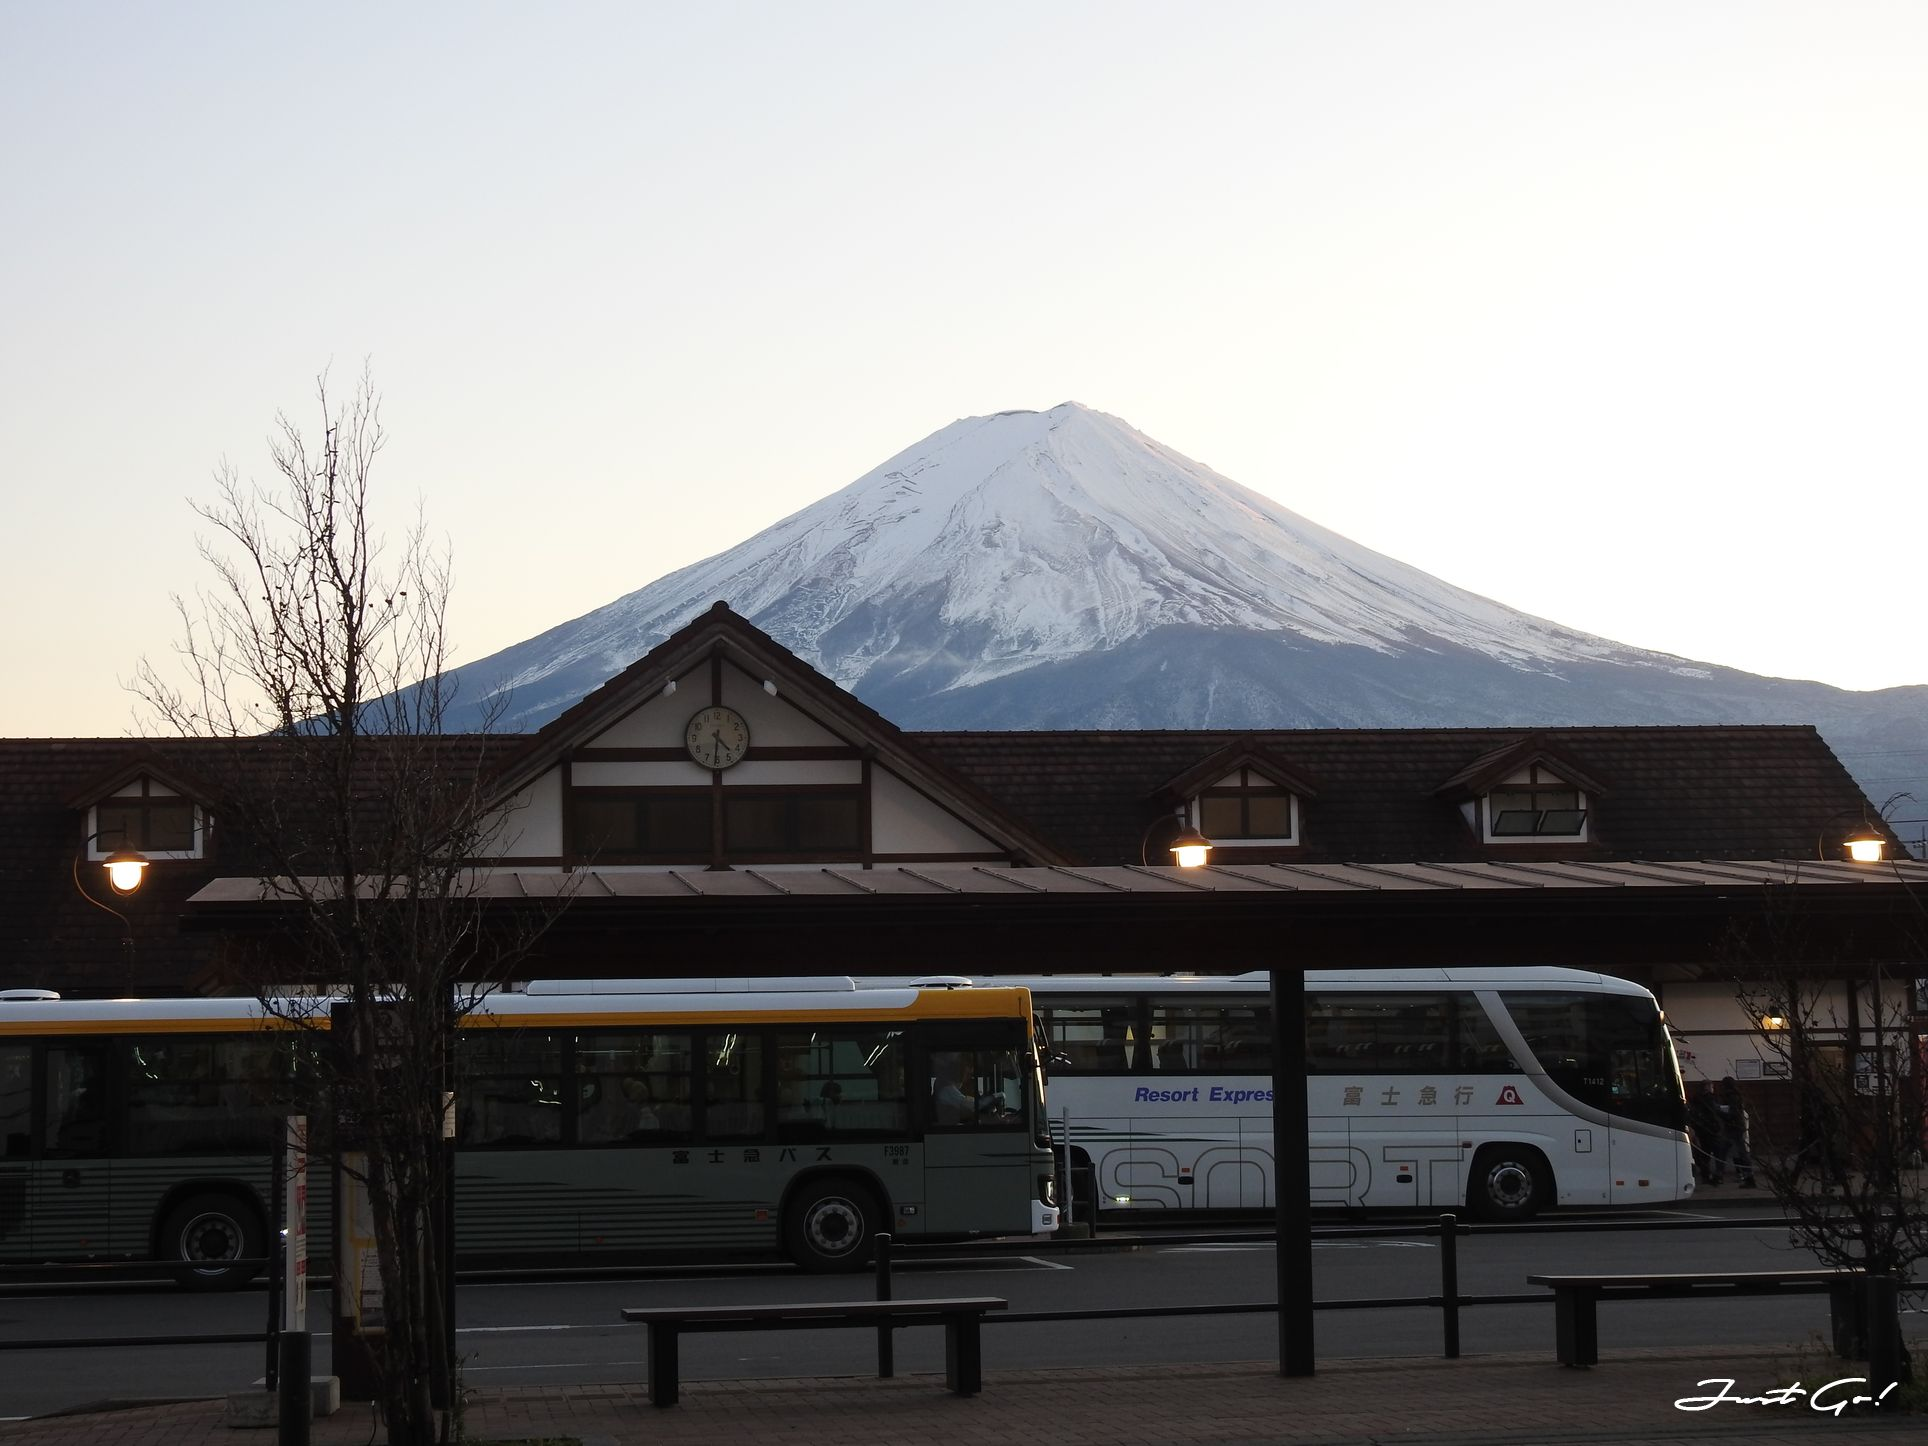 2019 冬季雪攀富士山-登山申請、行程、住宿交通、花費、保險、裝備、天氣與季節10